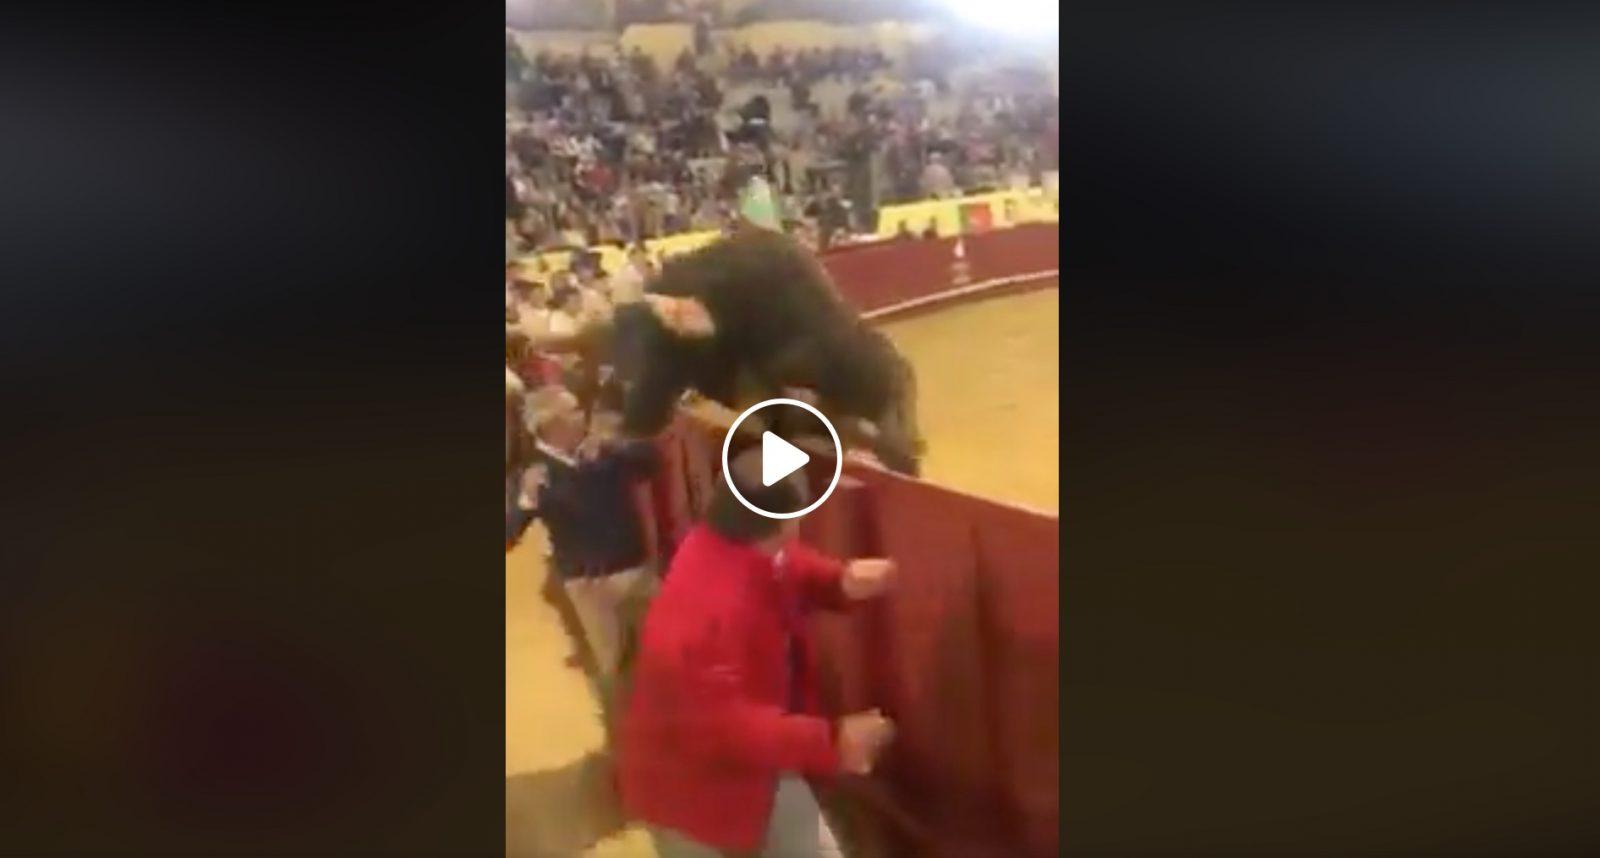 VIDEO DU NET // Un toro saute dans le callejon et surprend tout le monde